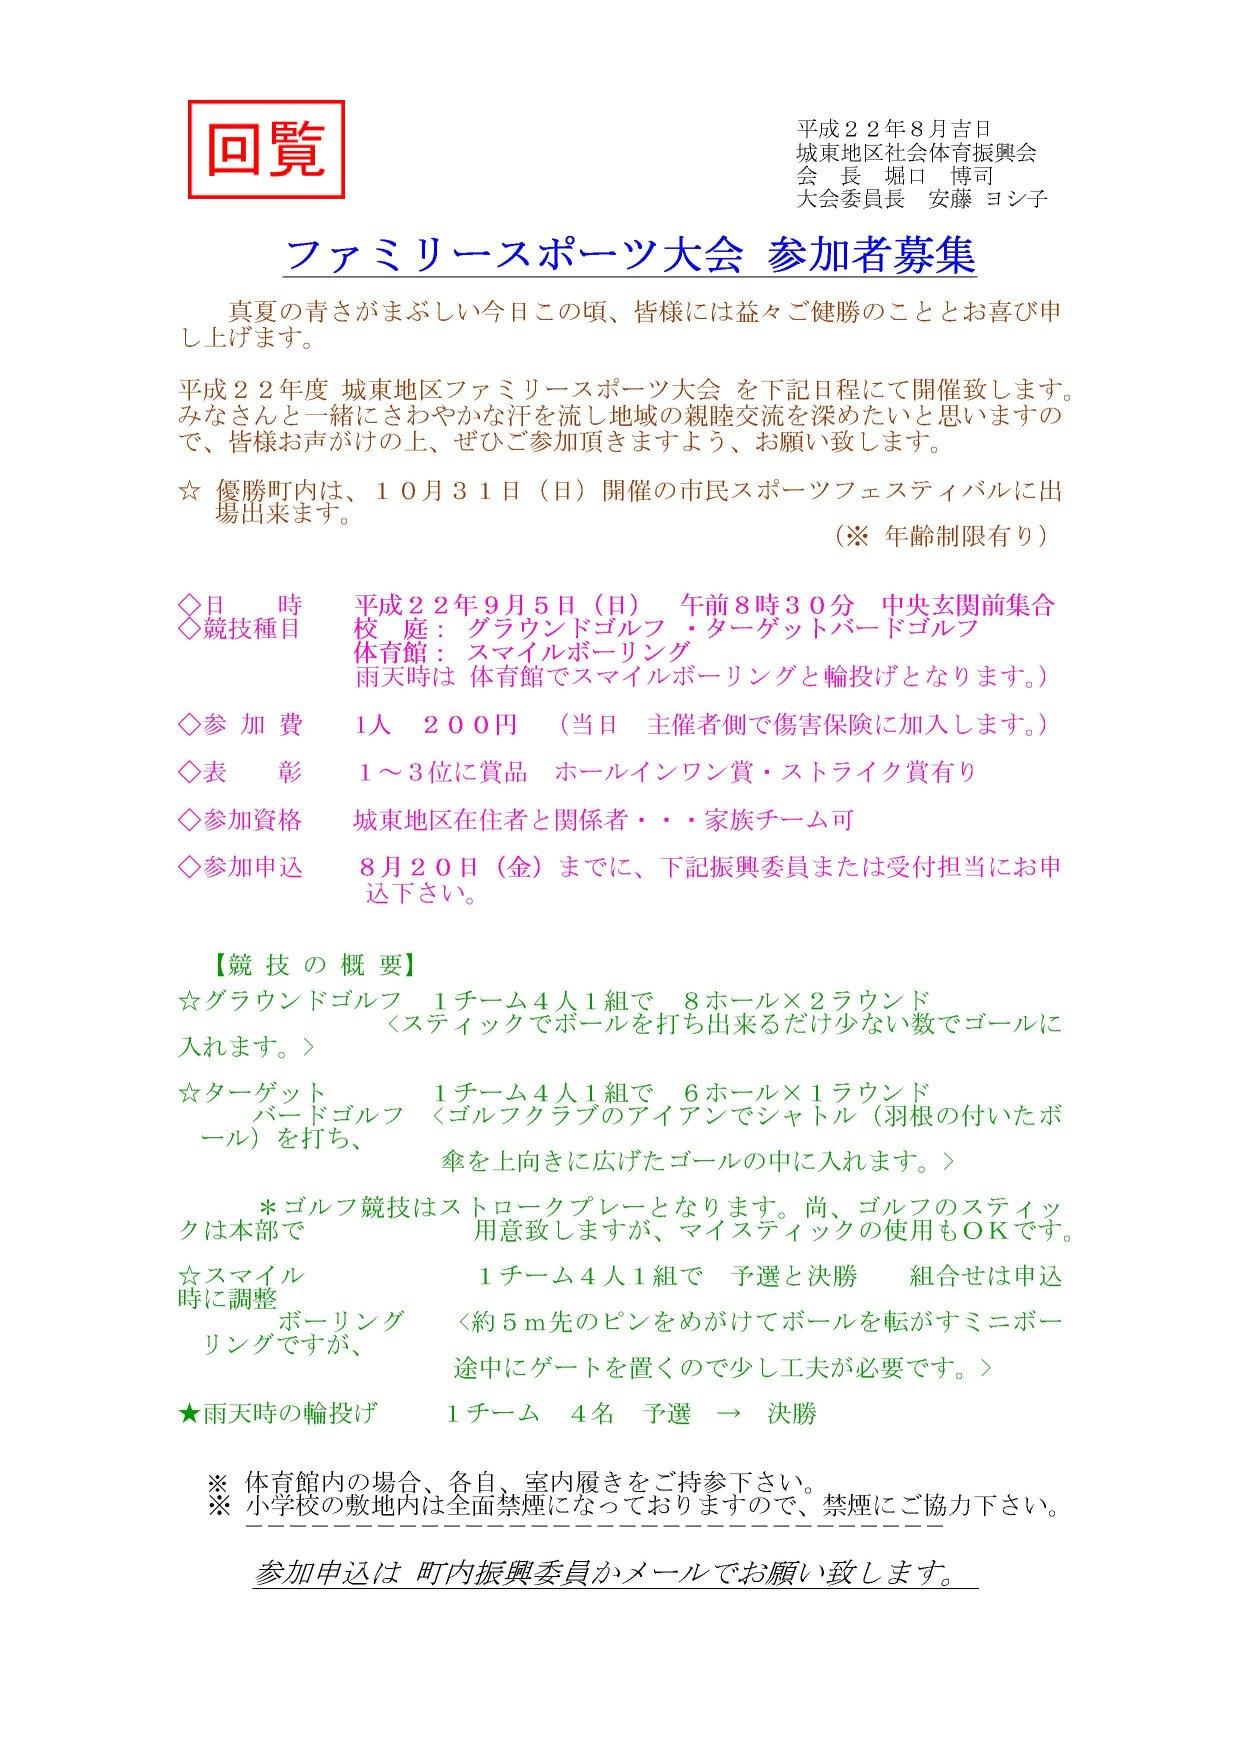 アップロードファイル 251-1.jpg